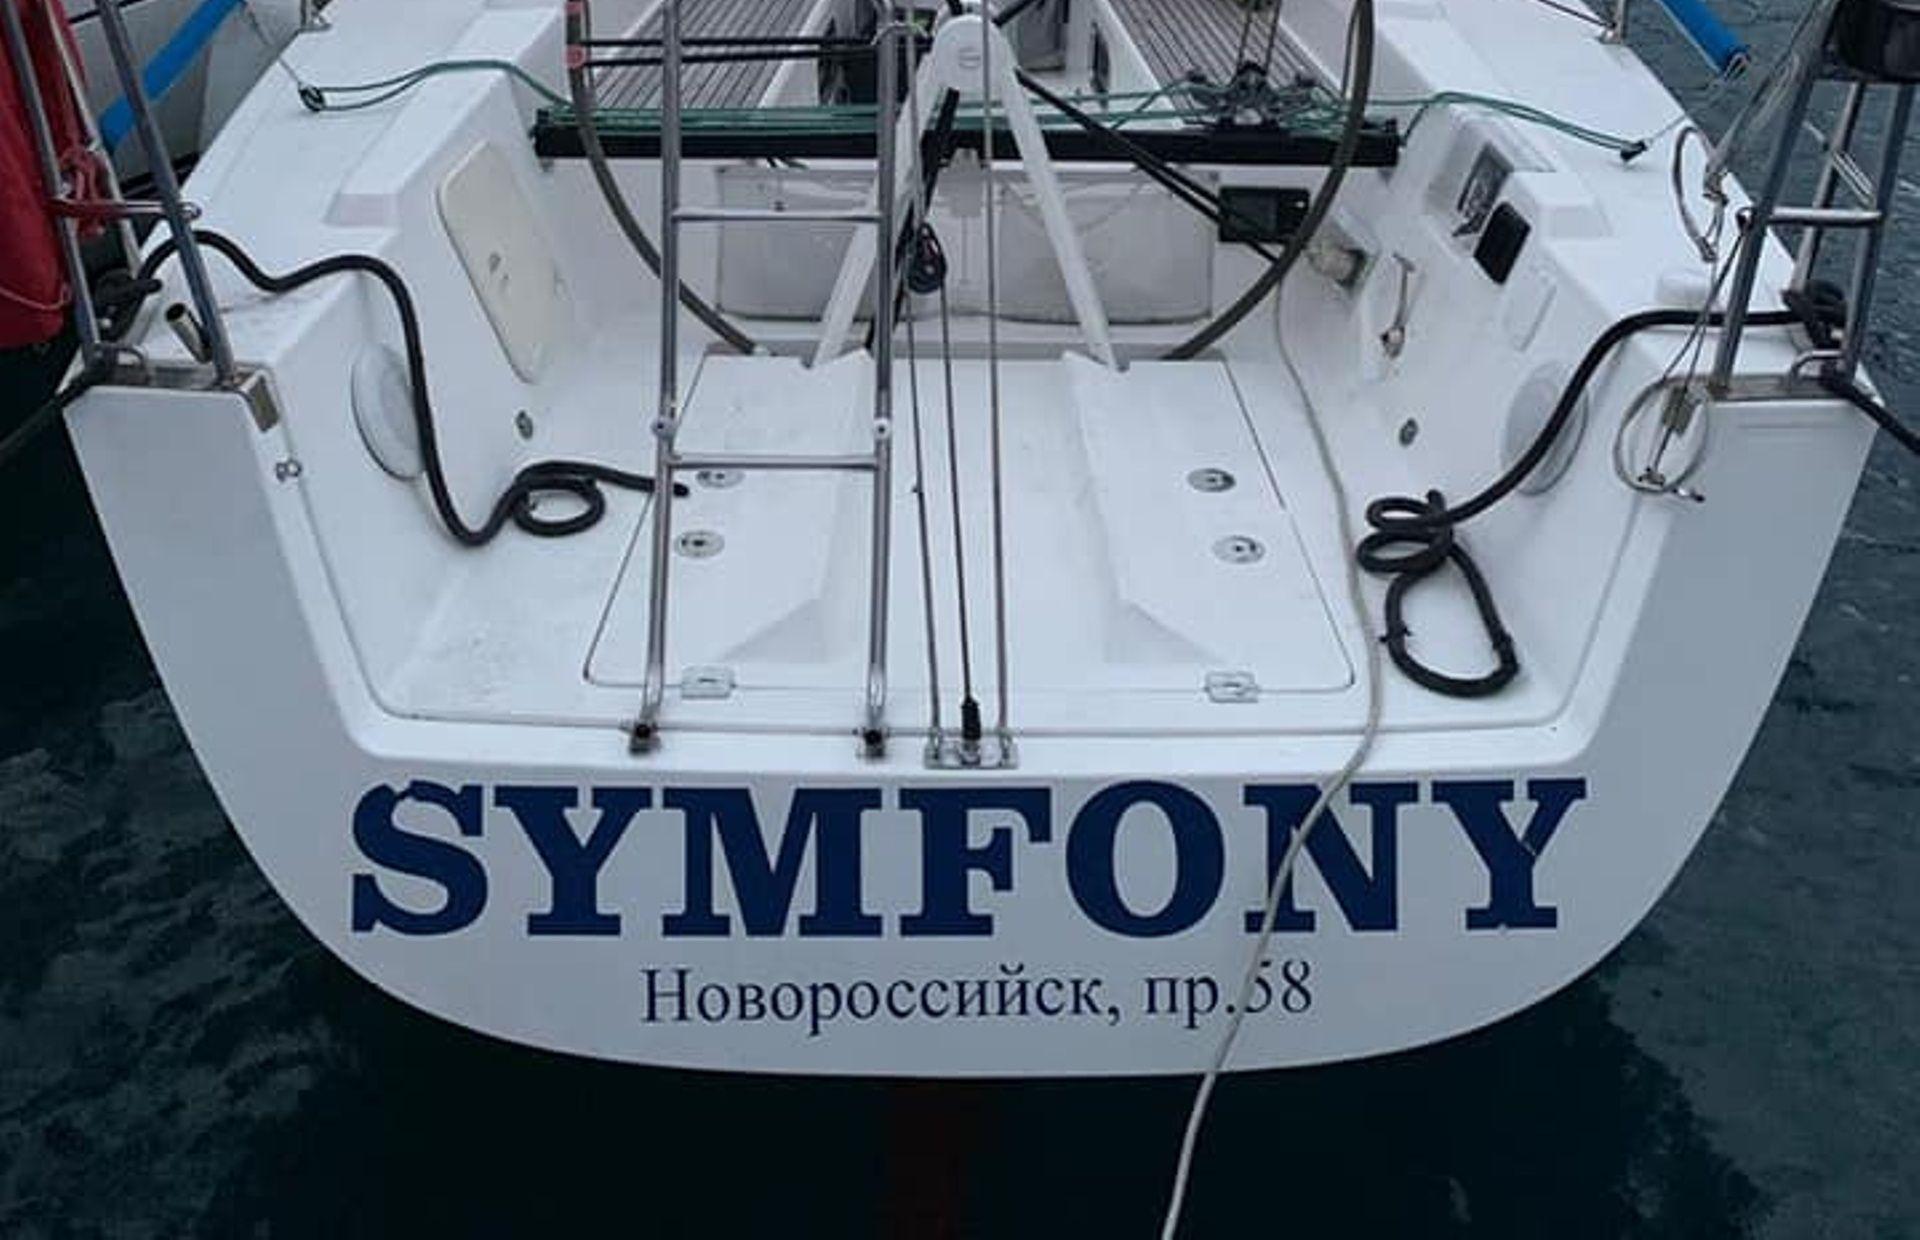 https://media.insailing.com/boat/symfony/image_1571032189939.jpg